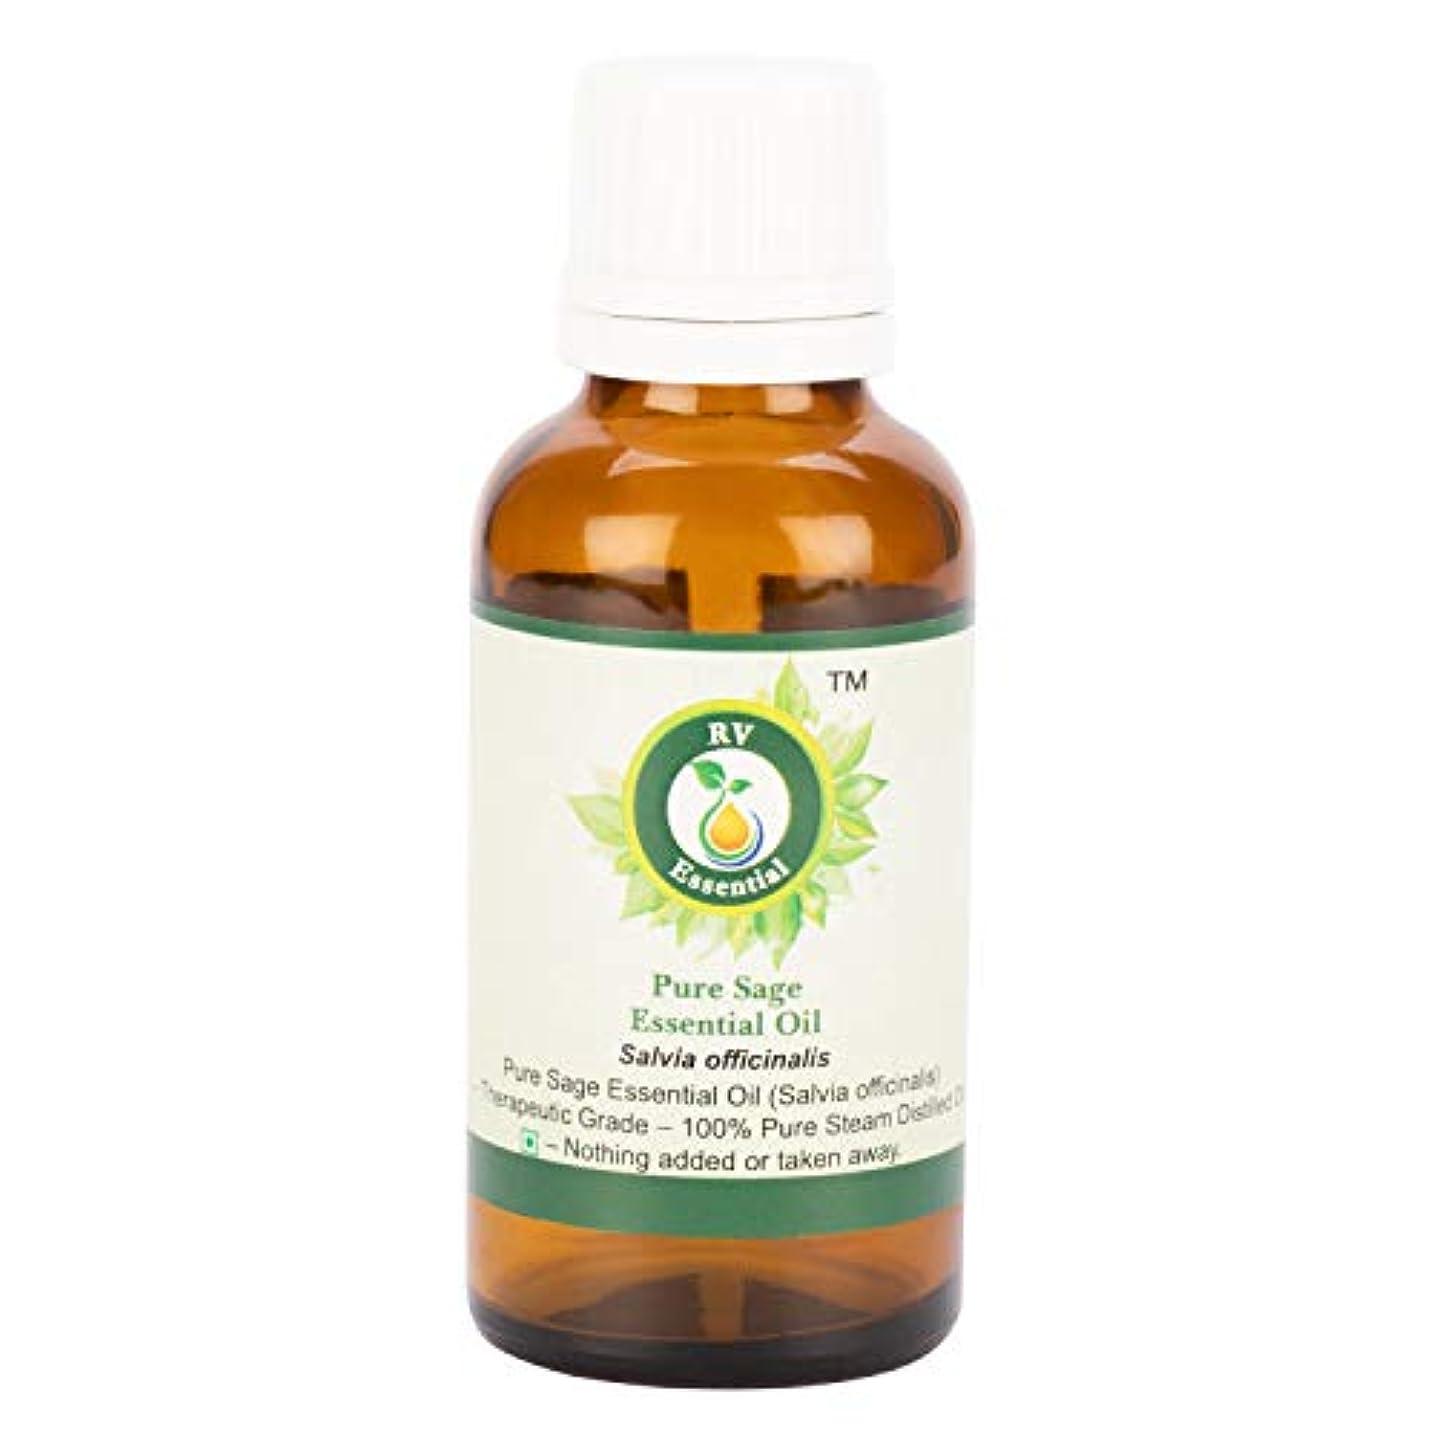 定期的グラディス枯渇するピュアセージエッセンシャルオイル100ml (3.38oz)- Salvia Officinalis (100%純粋&天然スチームDistilled) Pure Sage Essential Oil